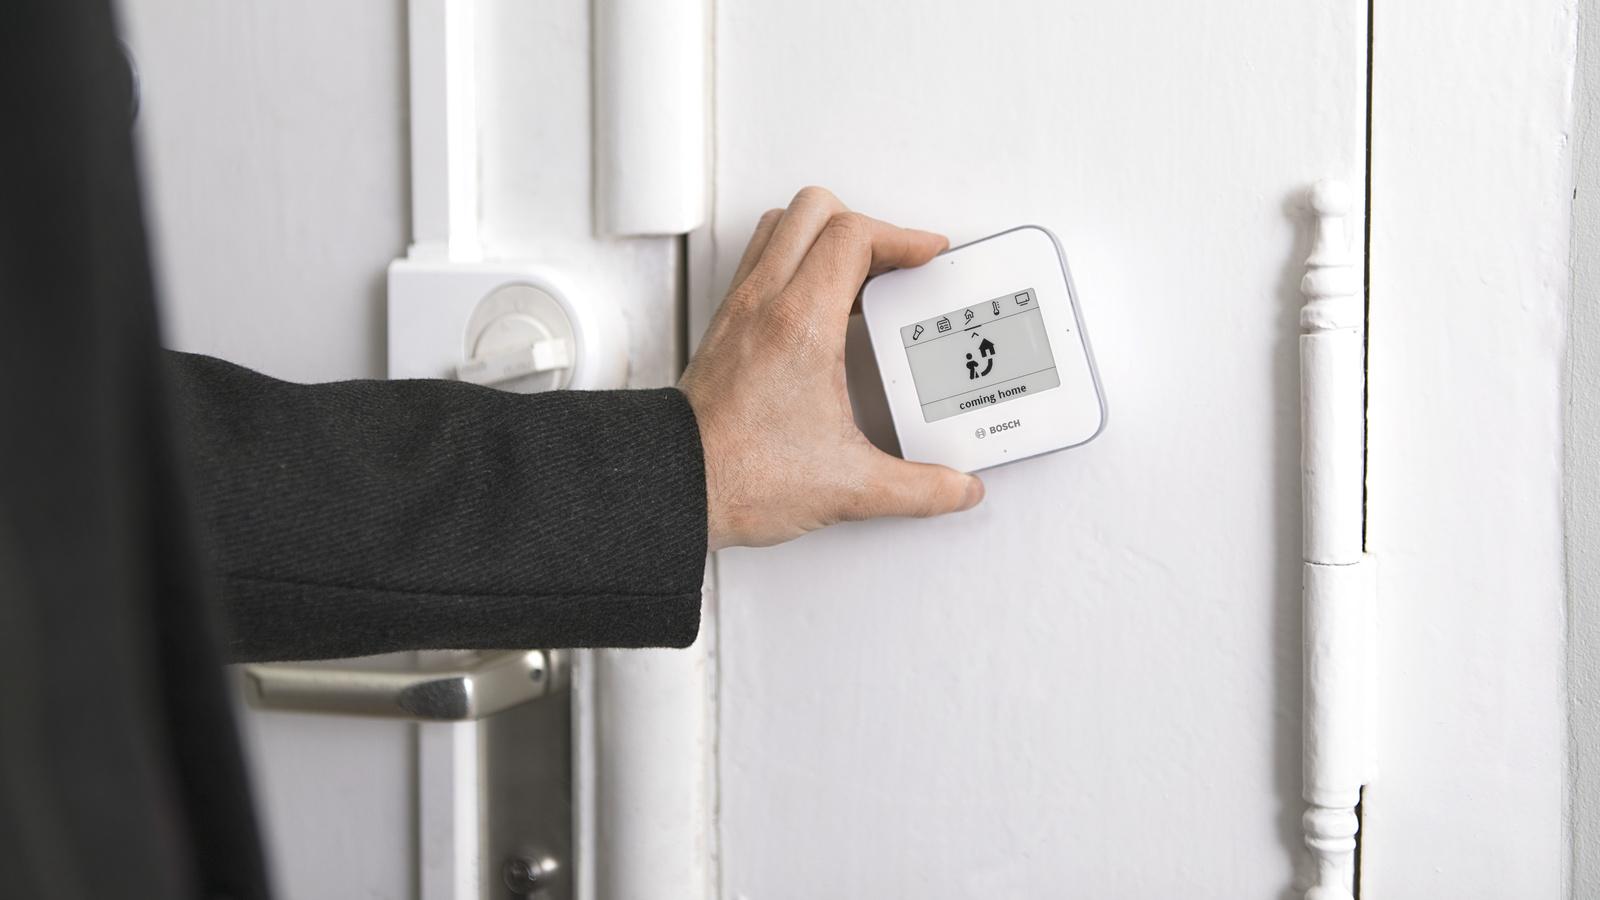 Bosch Kühlschrank Alarm Ausschalten : Home smart home bosch macht das haus schlau bosch media service